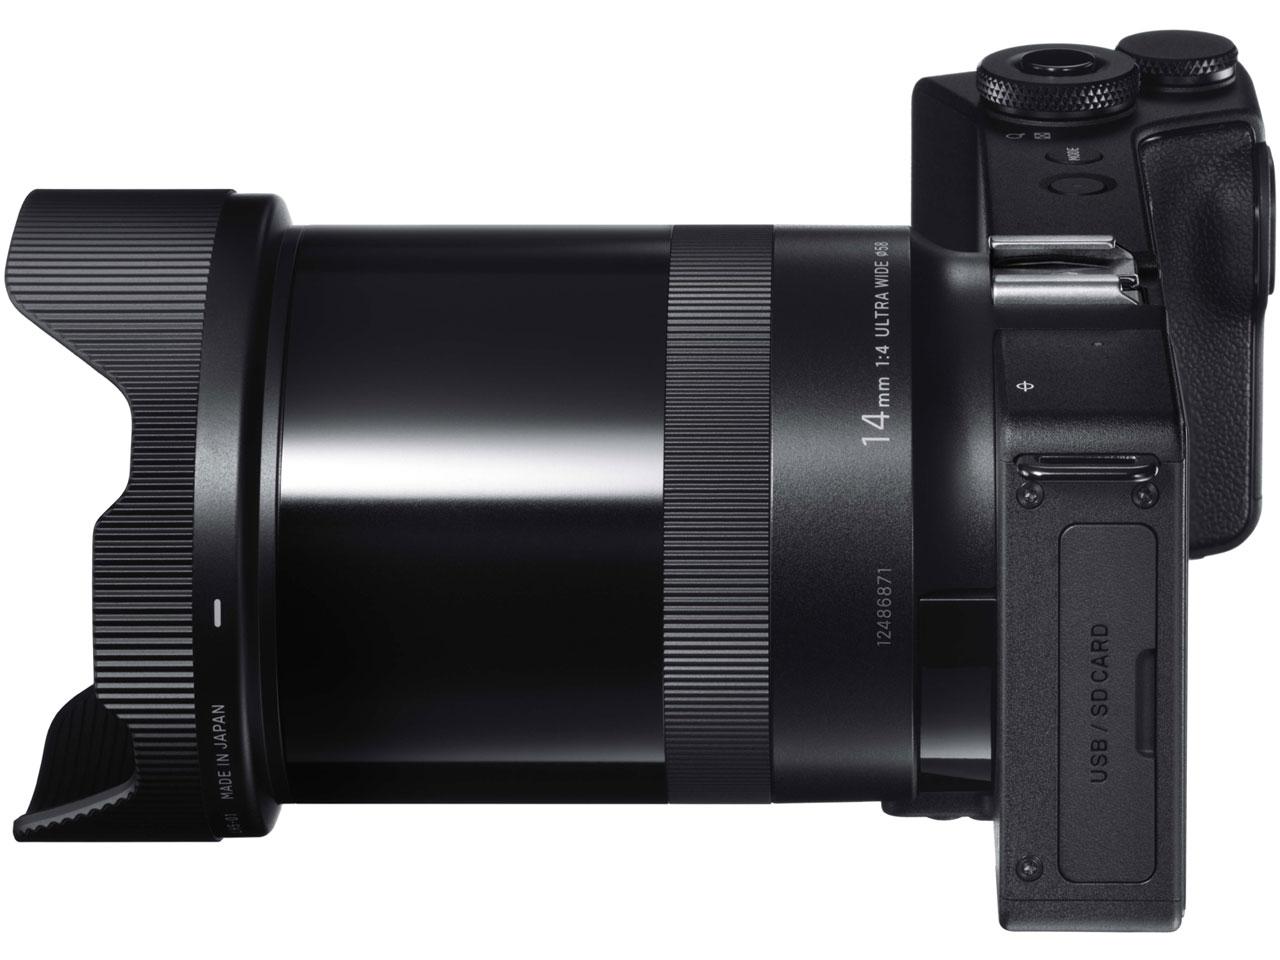 『本体 右側面』 SIGMA dp0 Quattro の製品画像